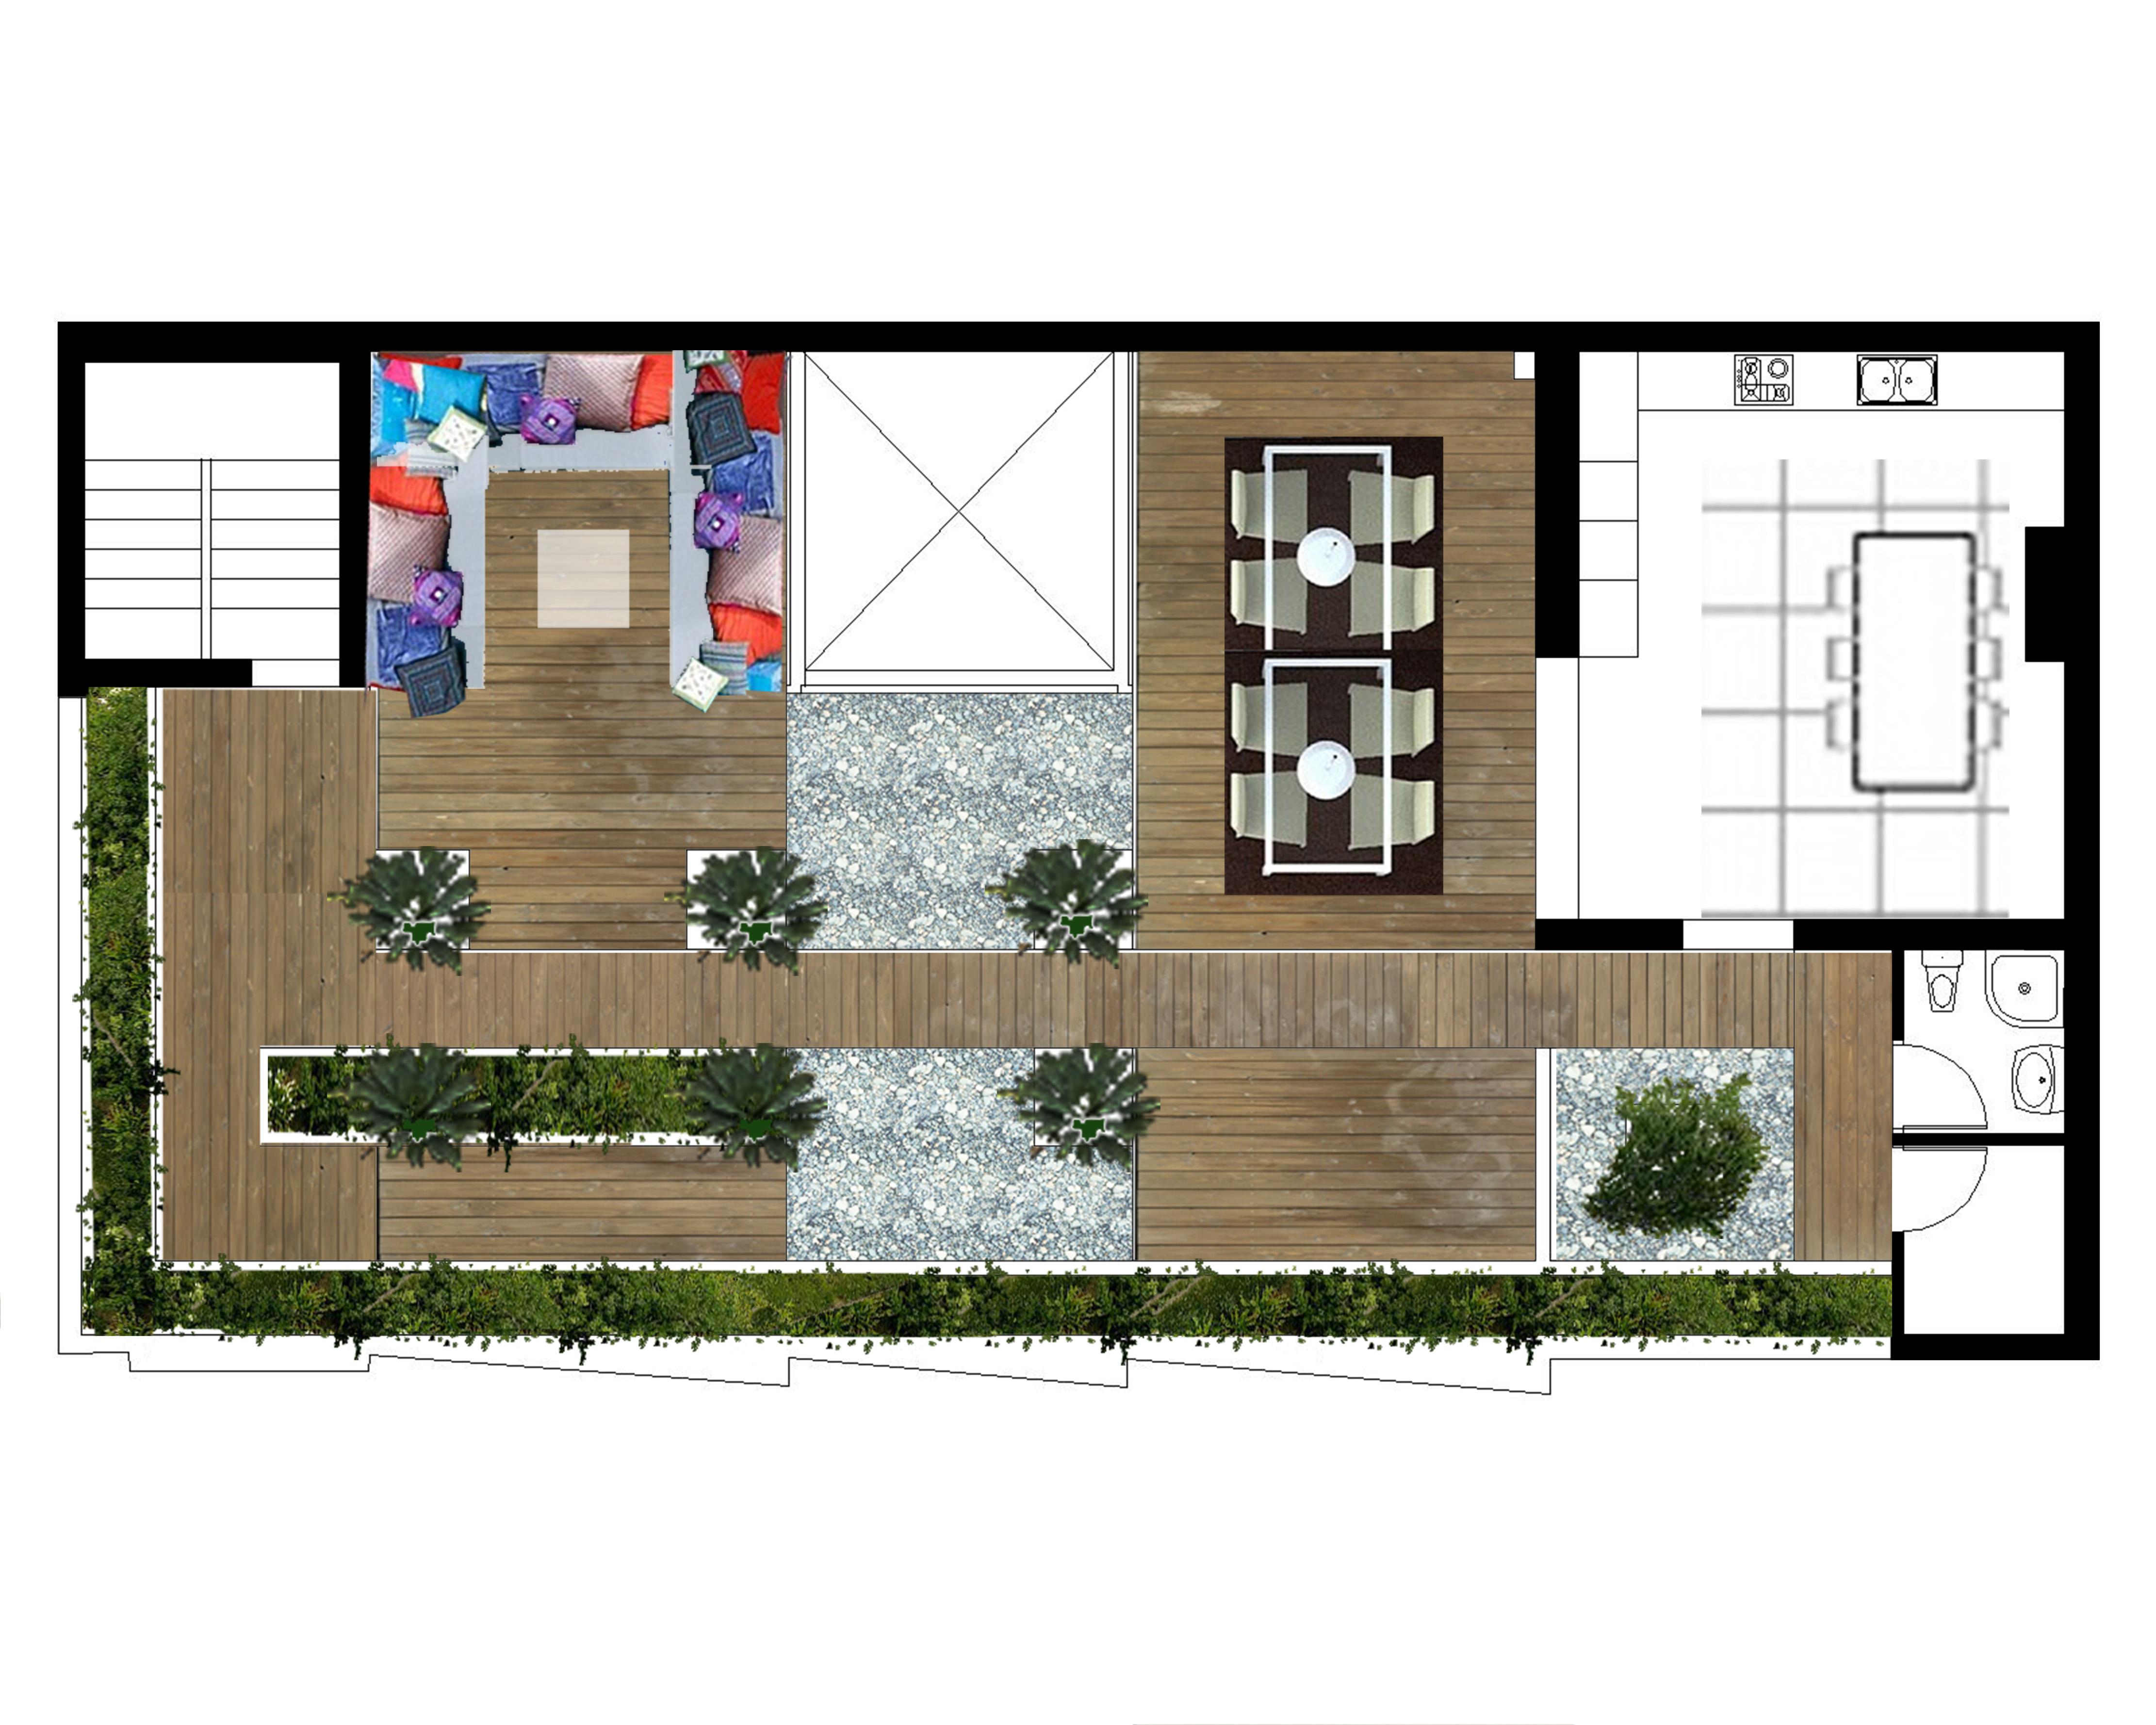 Plantas para terraza dise os arquitect nicos - Plantas para terrazas ...